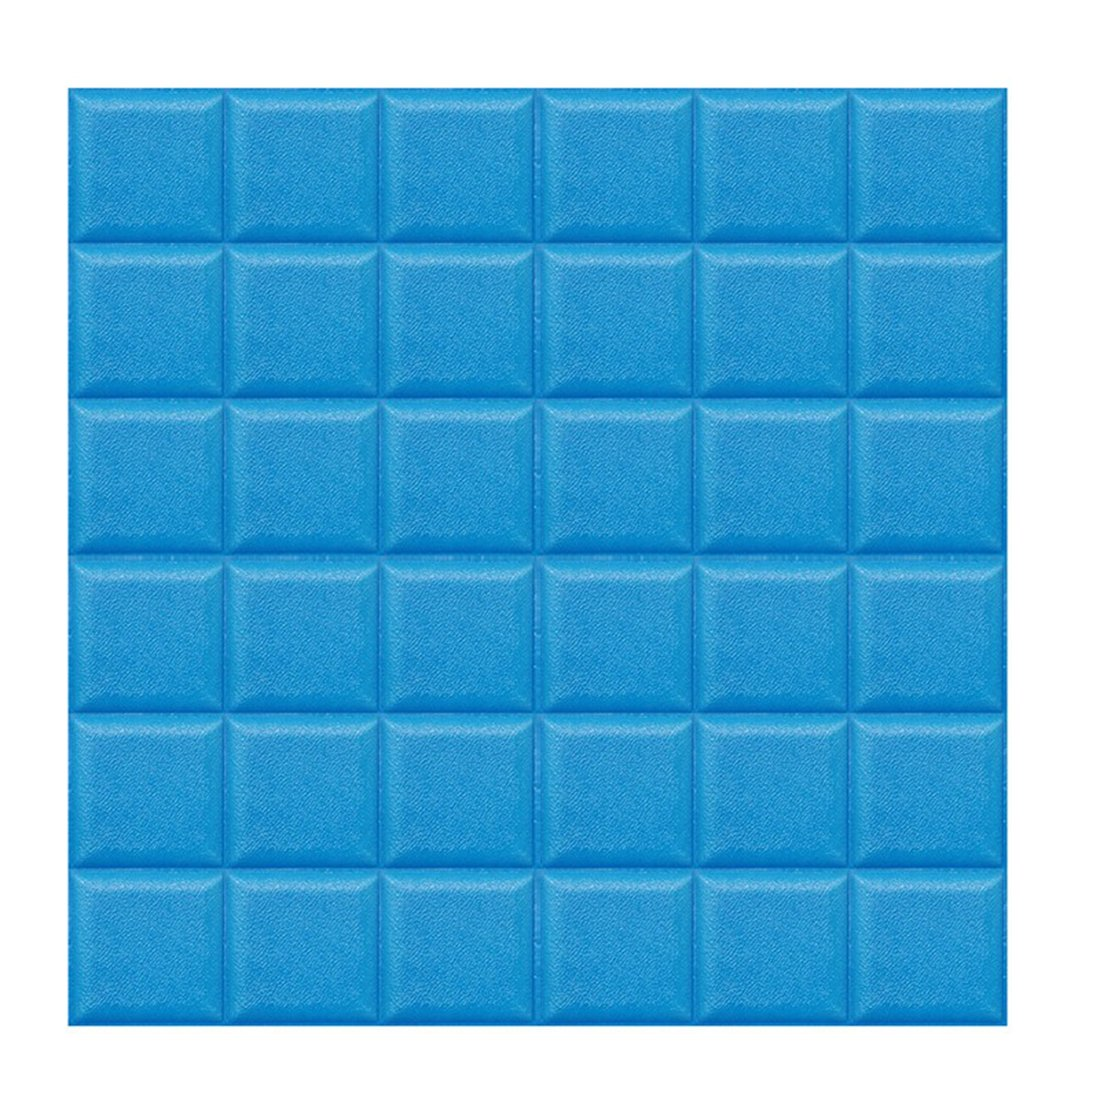 (Enerhu)3D壁紙 3D壁紙パネル 3Dウォールステッカー 壁紙シール ウォールステッカー DIY 簡単貼付シール 防水 壁紙 お洒落 健康 補修簡単 賃貸OK 幼稚園 60*60cm 15枚入り ブルー B07DS75WW6 15750 60*60cm(15枚入り)|ブルー ブルー 60*60cm(15枚入り)